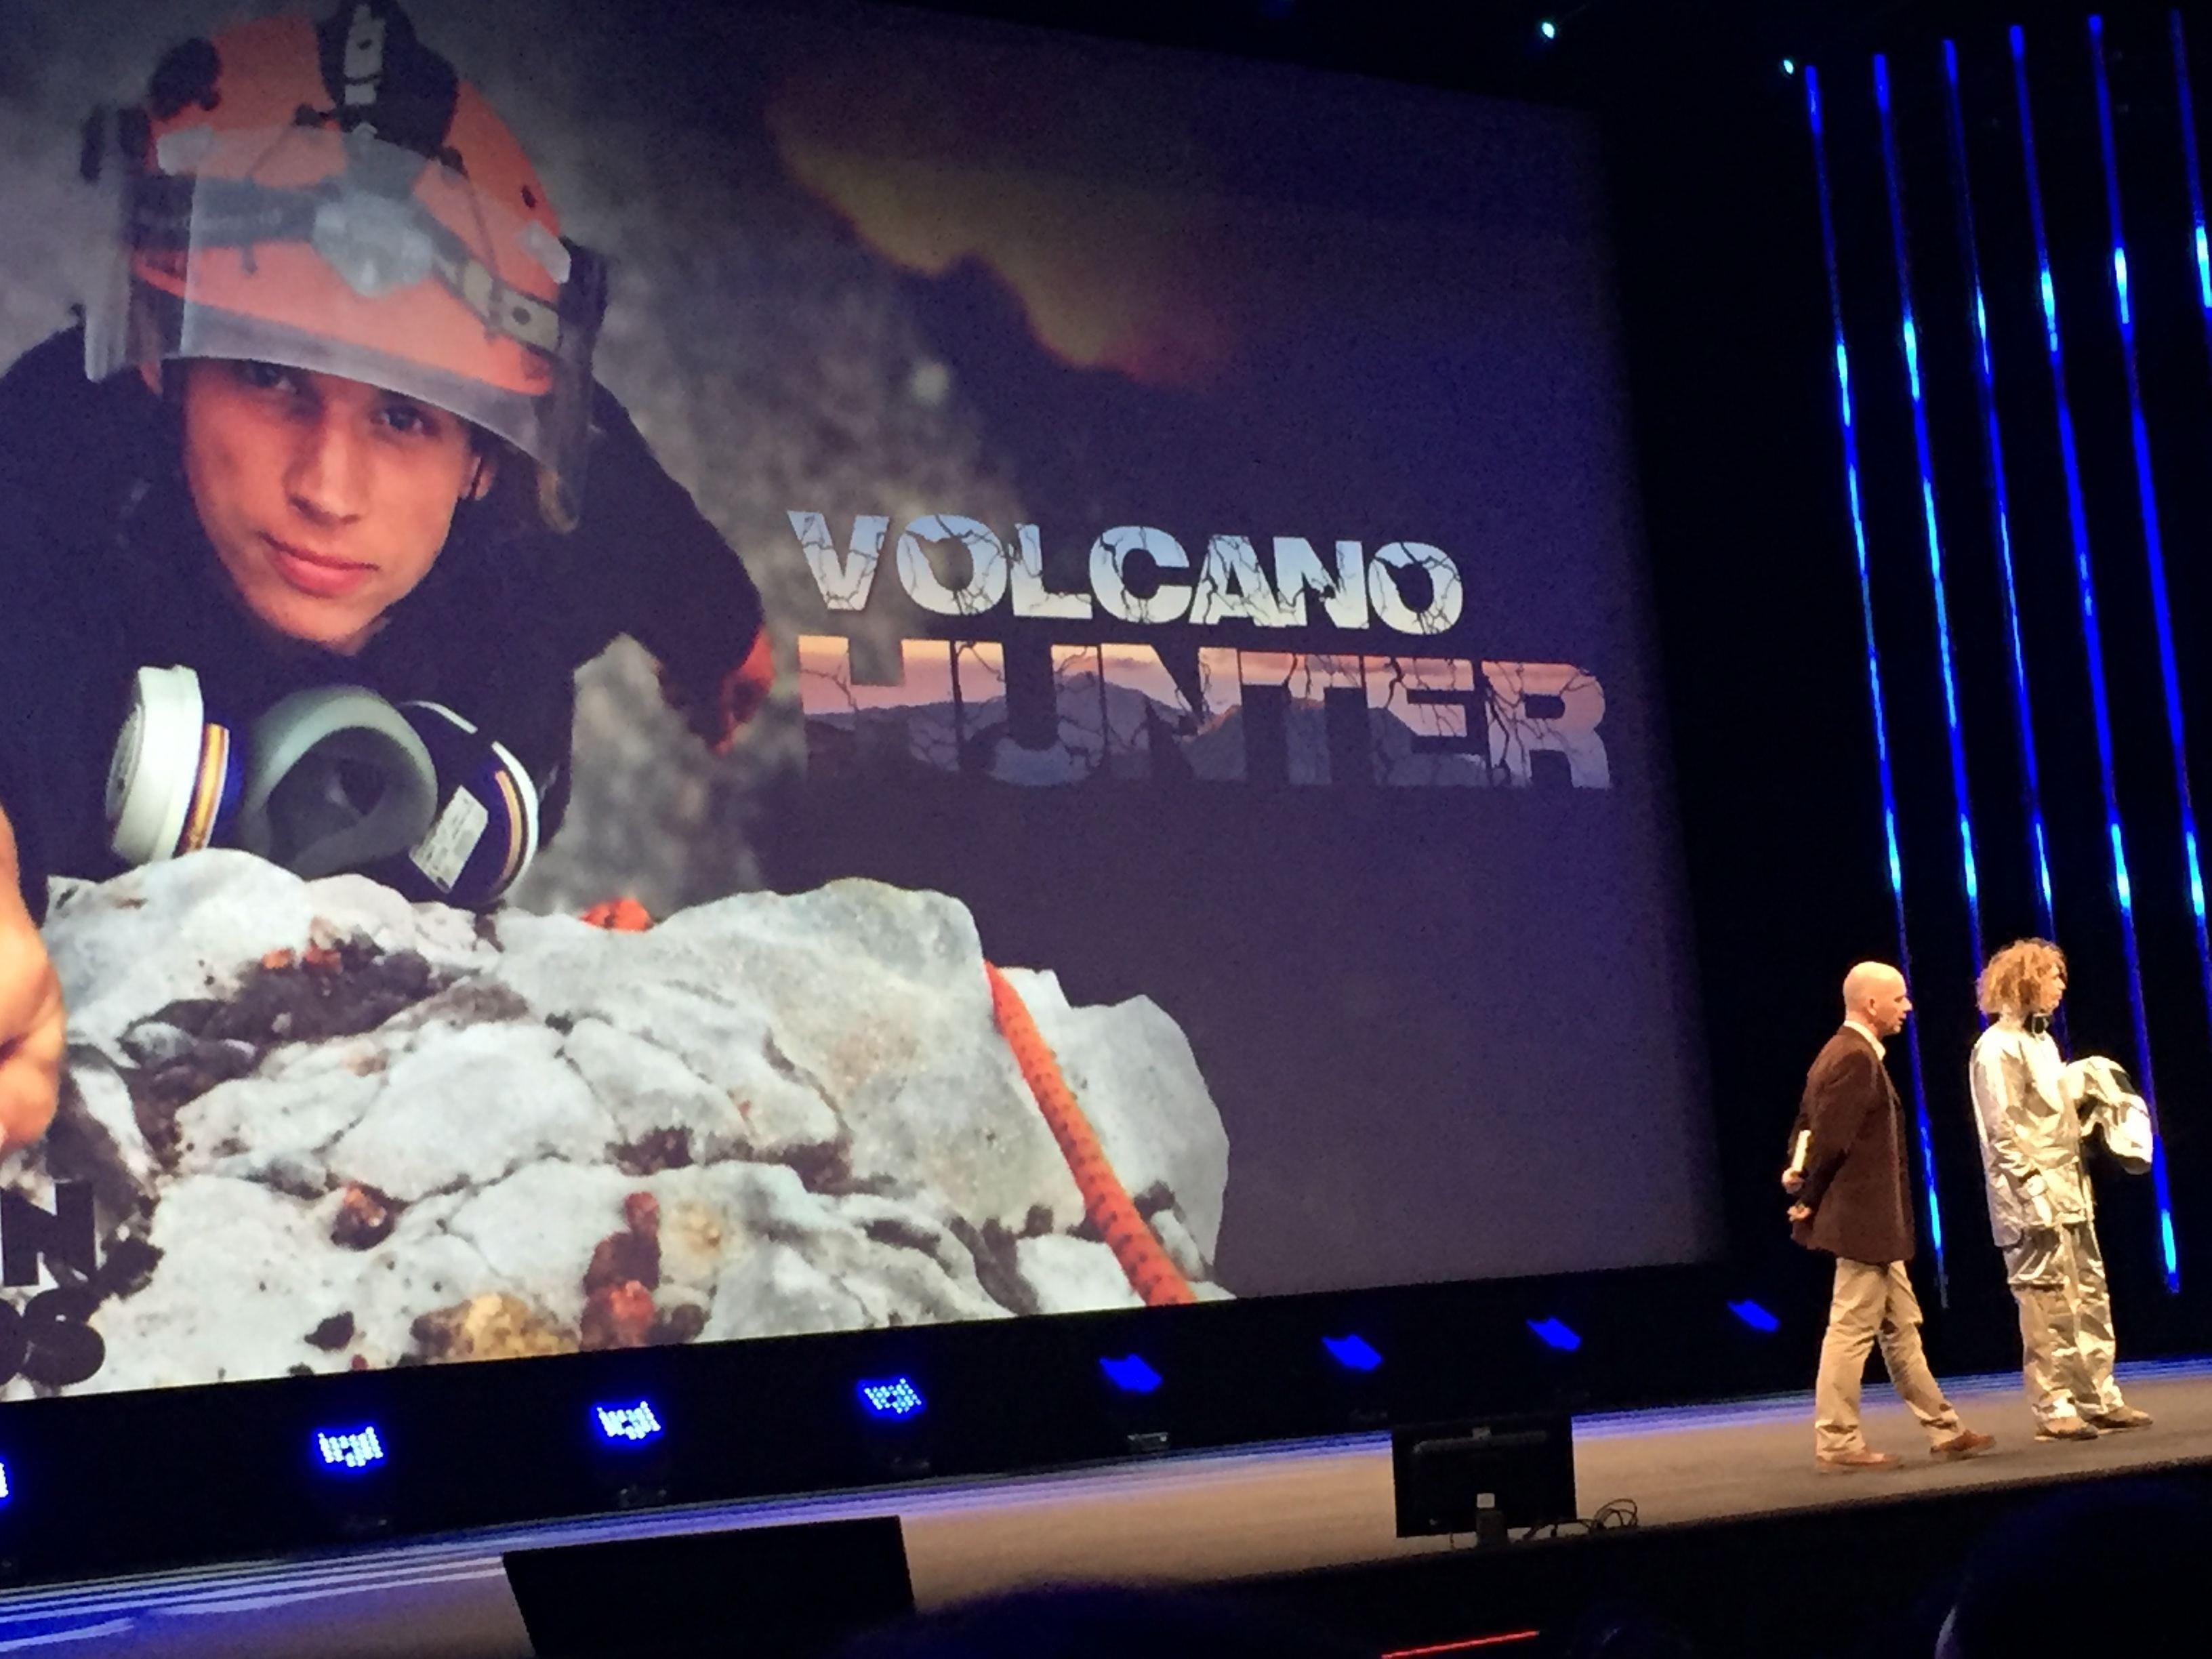 Volcano Hunter